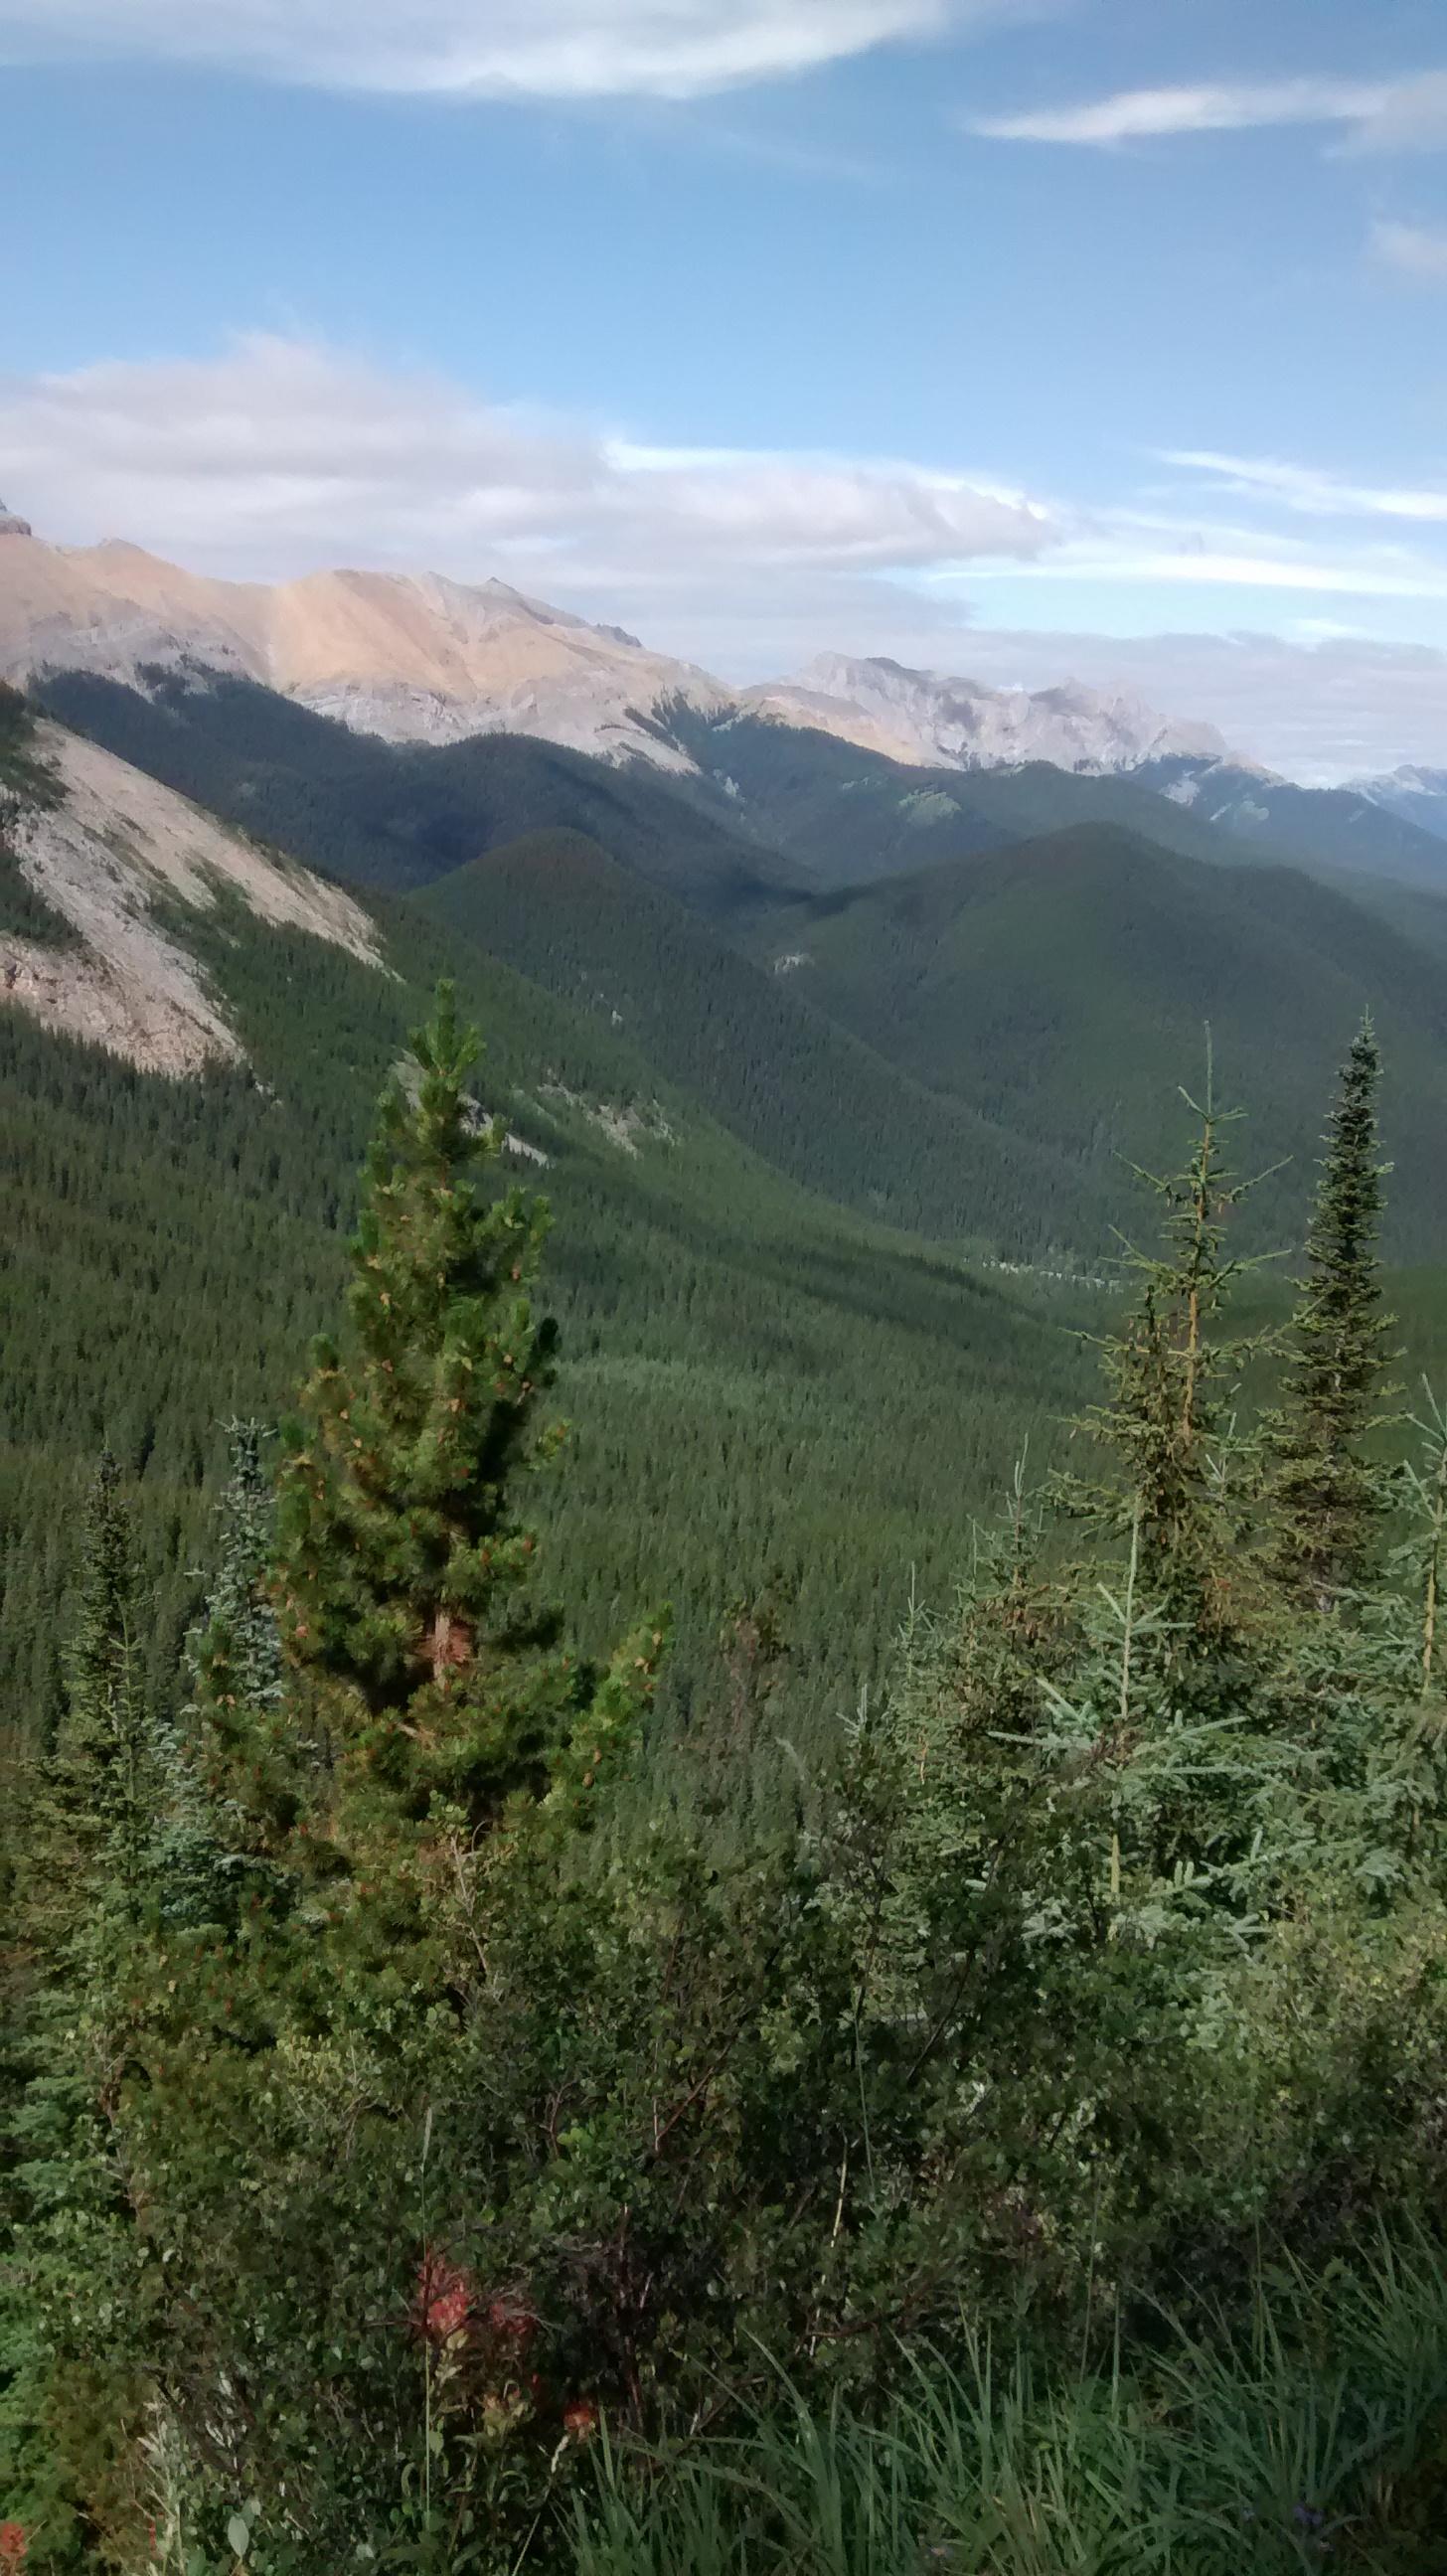 View from Sulphur Skyline, Jasper National Park